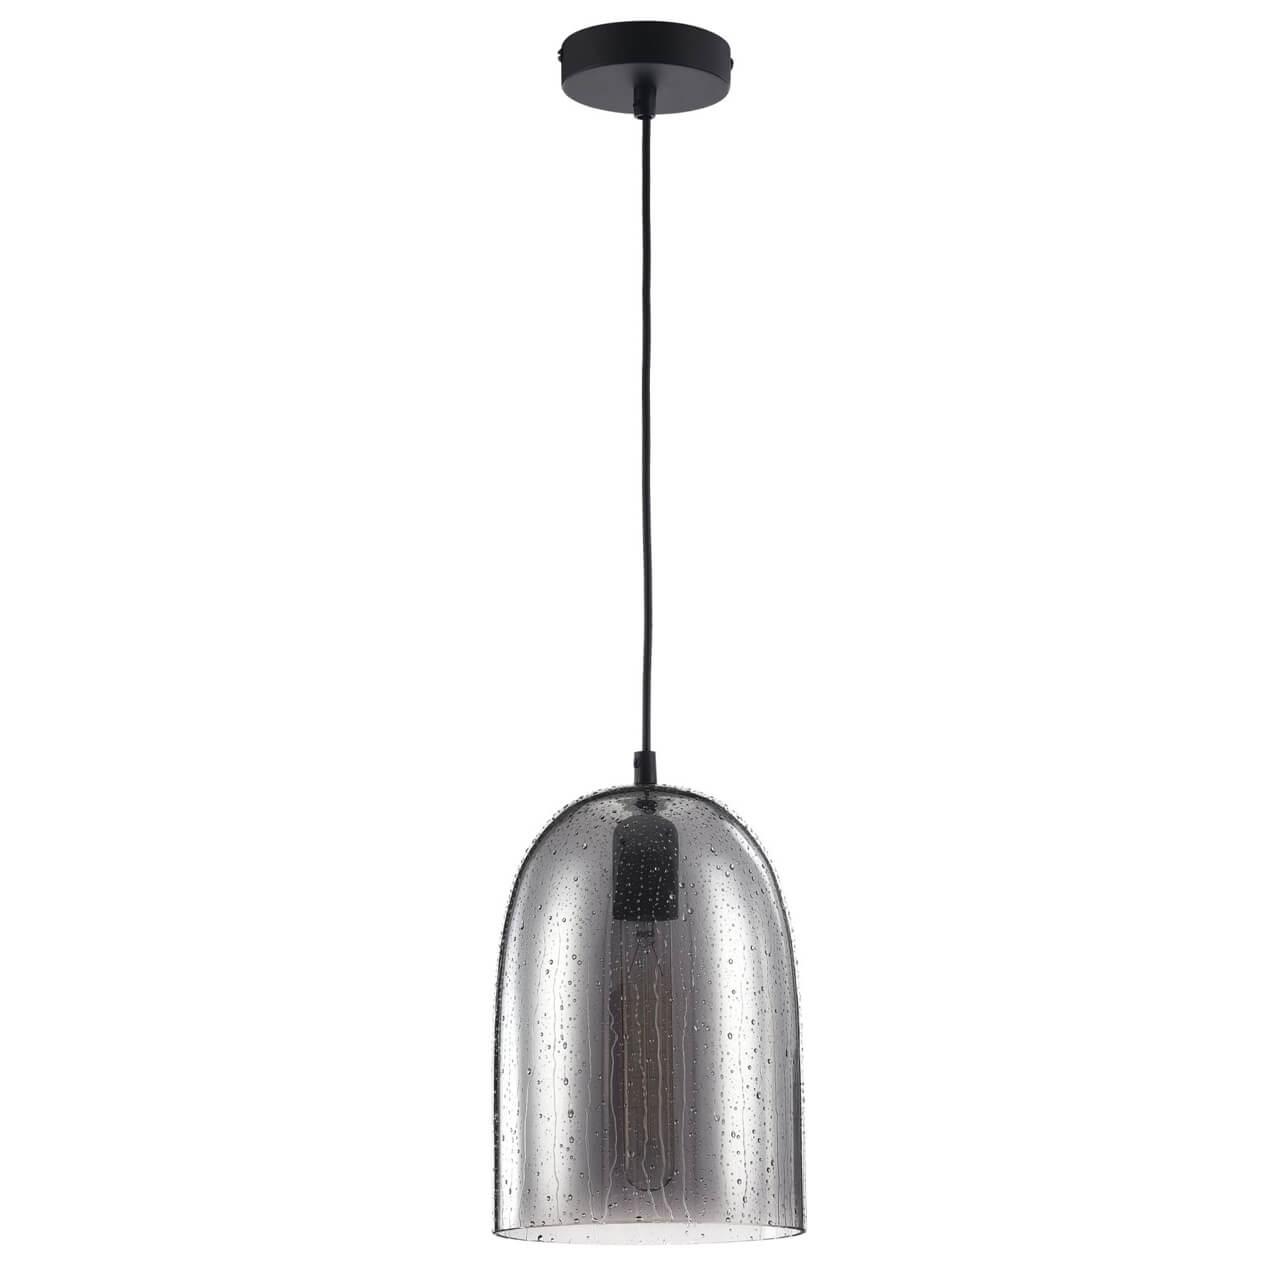 Подвесной светильник Maytoni Bergen T314-00-B подвесной светильник maytoni bergen t314 01 b